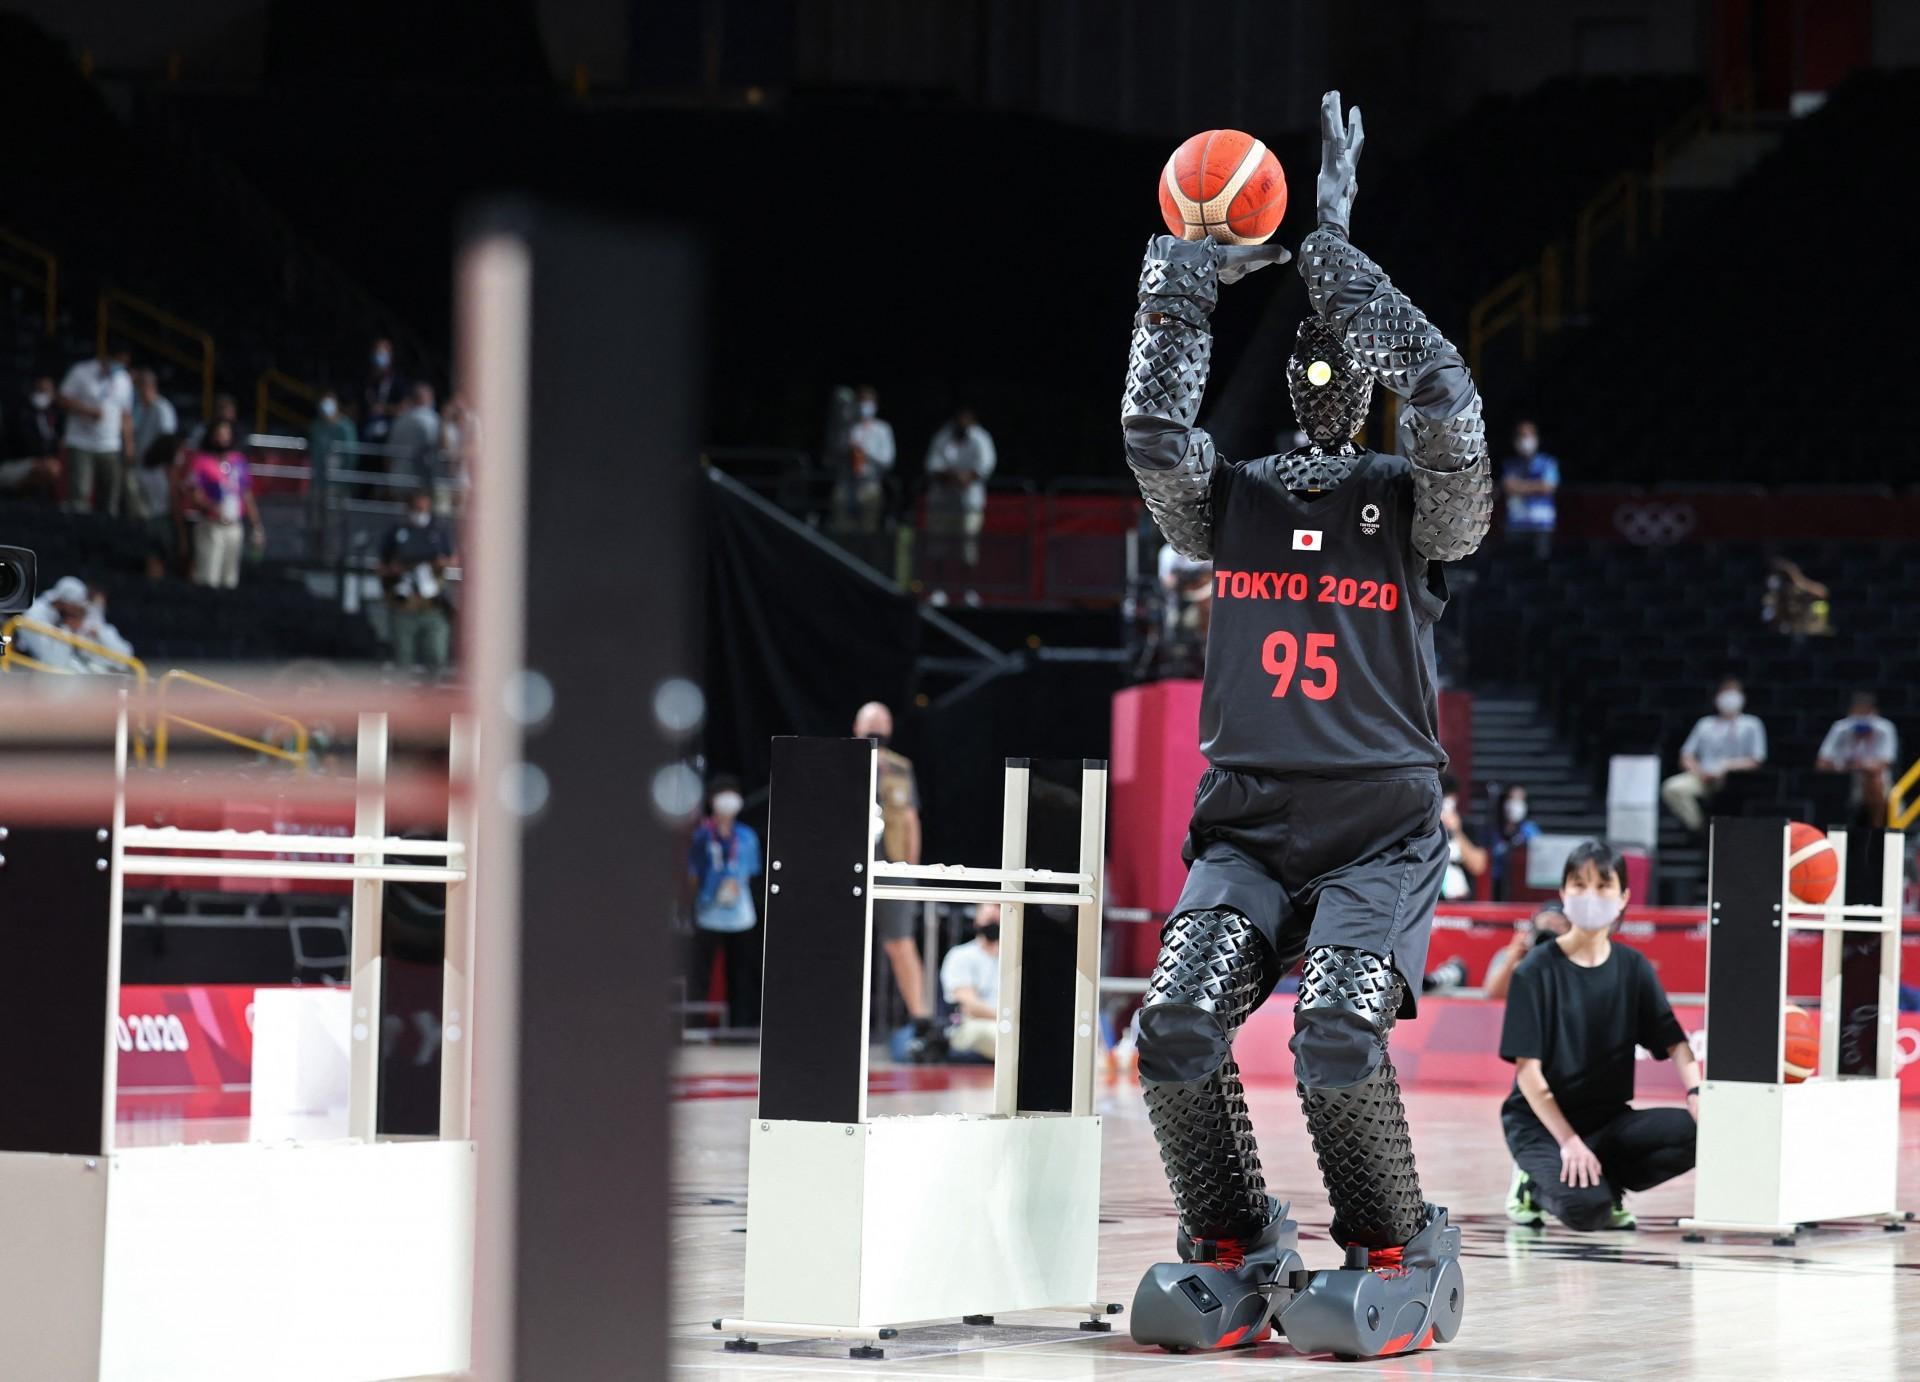 Um robô jogador de basquete chamado CUE se apresentou no intervalo do jogo entre os Estados Unidos e a França em 25 de julho de 2021, nos Jogos Olímpicos de Tóquio. A Toyota criou um robô atirador de basquete de 6 pés e 10 polegadas, que usa sensores em seu torso para avaliar a distância e o ângulo da cesta e usa braços e joelhos motorizados para executar arremessos definidos (Foto de Thomas COEX / AFP) (Foto: THOMAS COEX / AFP)